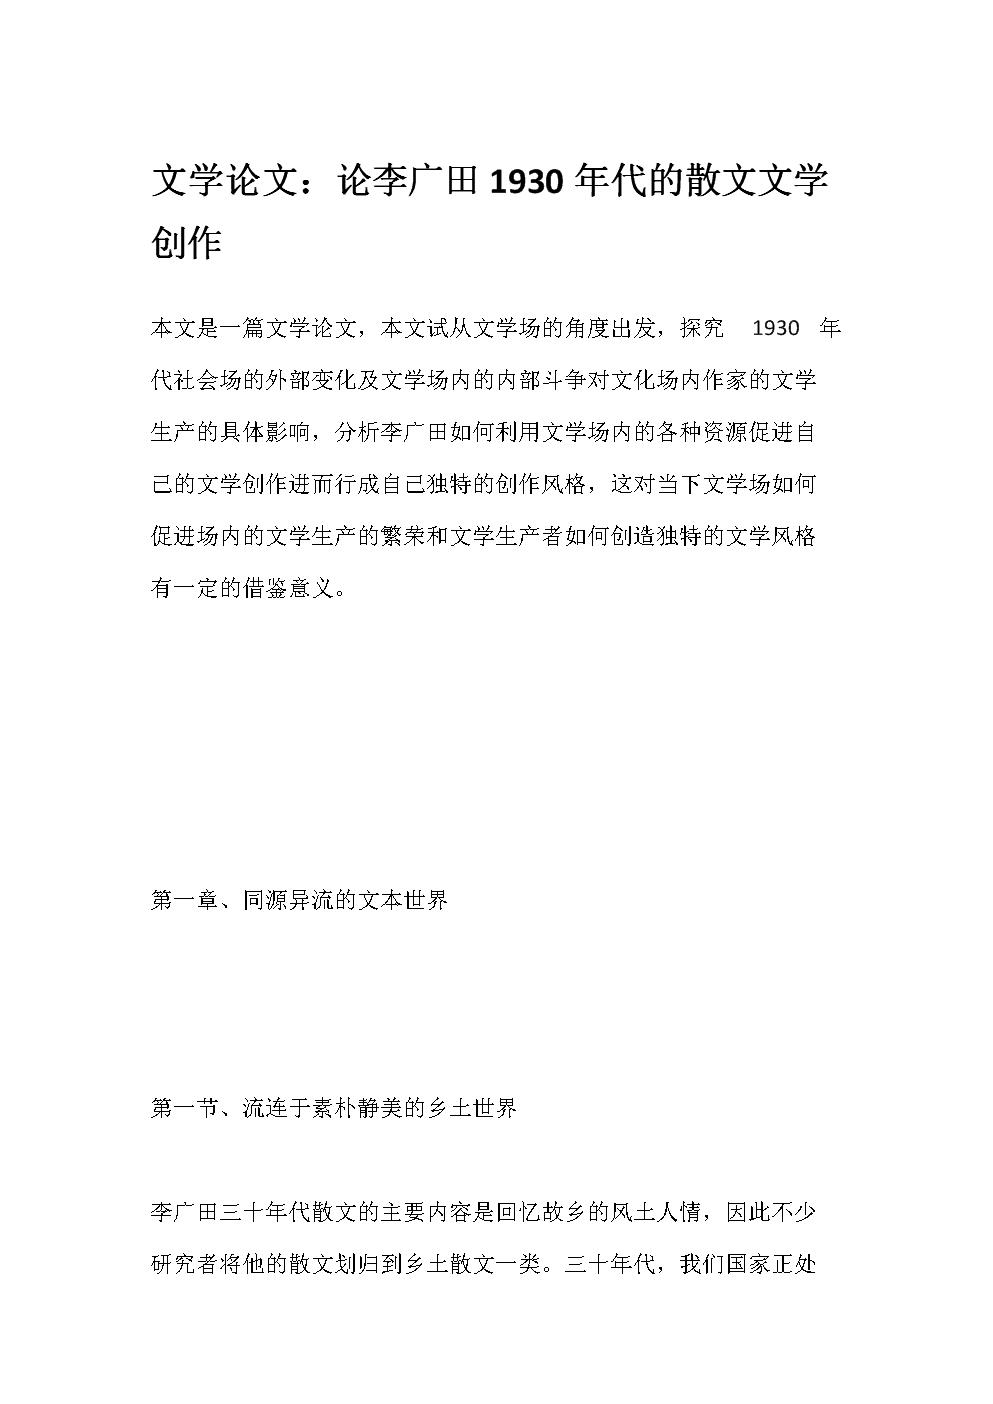 文学论文:论李广田1930年代的散文文学创作.docx